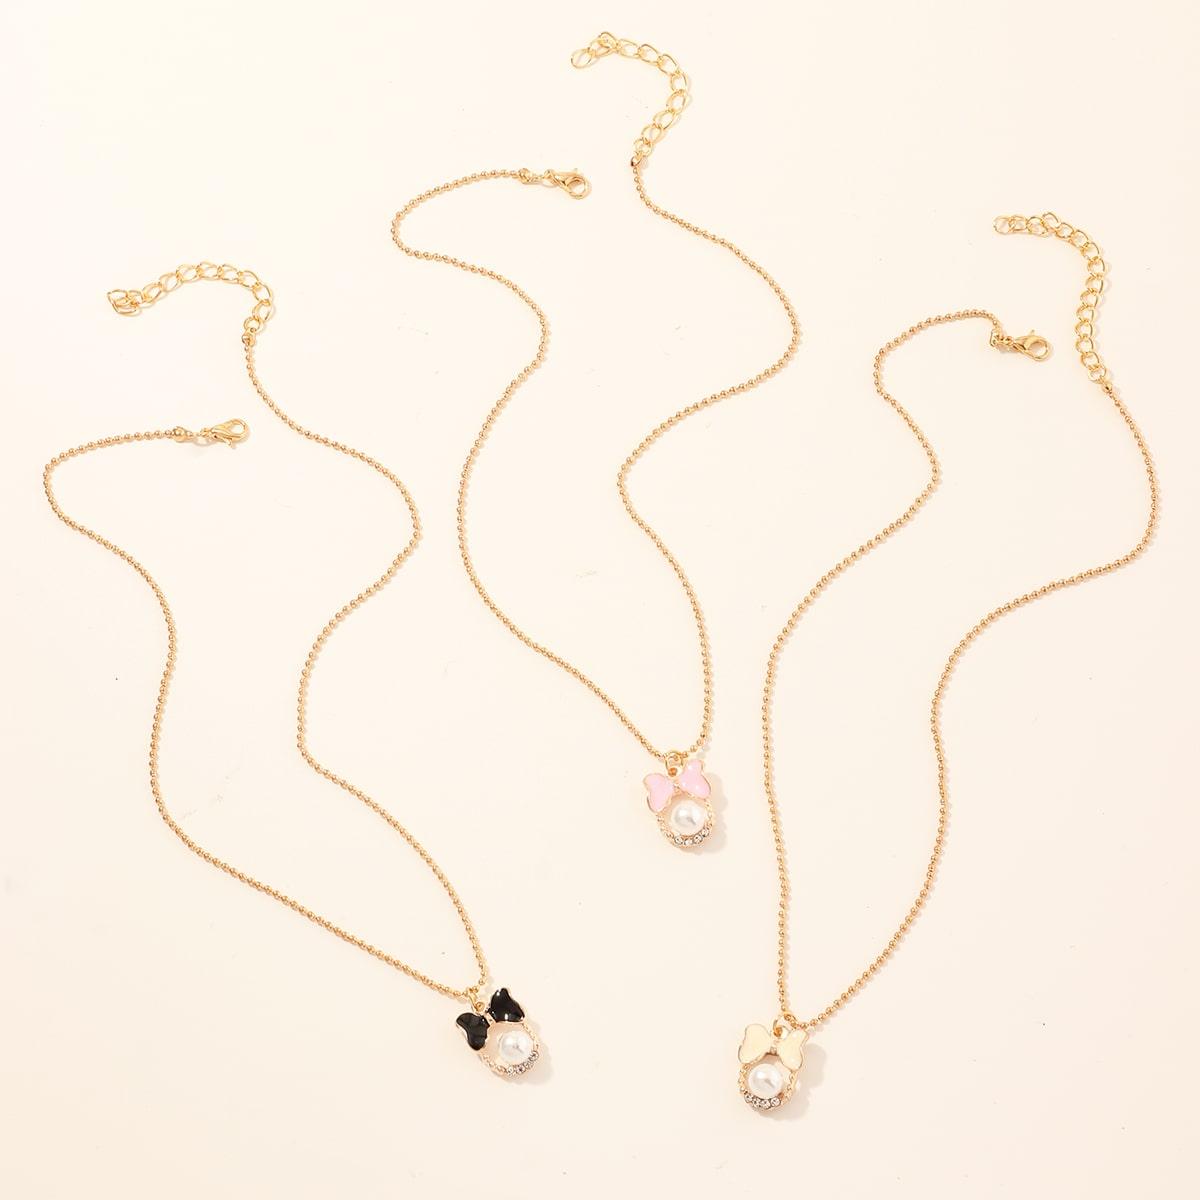 SHEIN / 3 Stücke Mädchen Halskette mit Schmetterling Anhänger